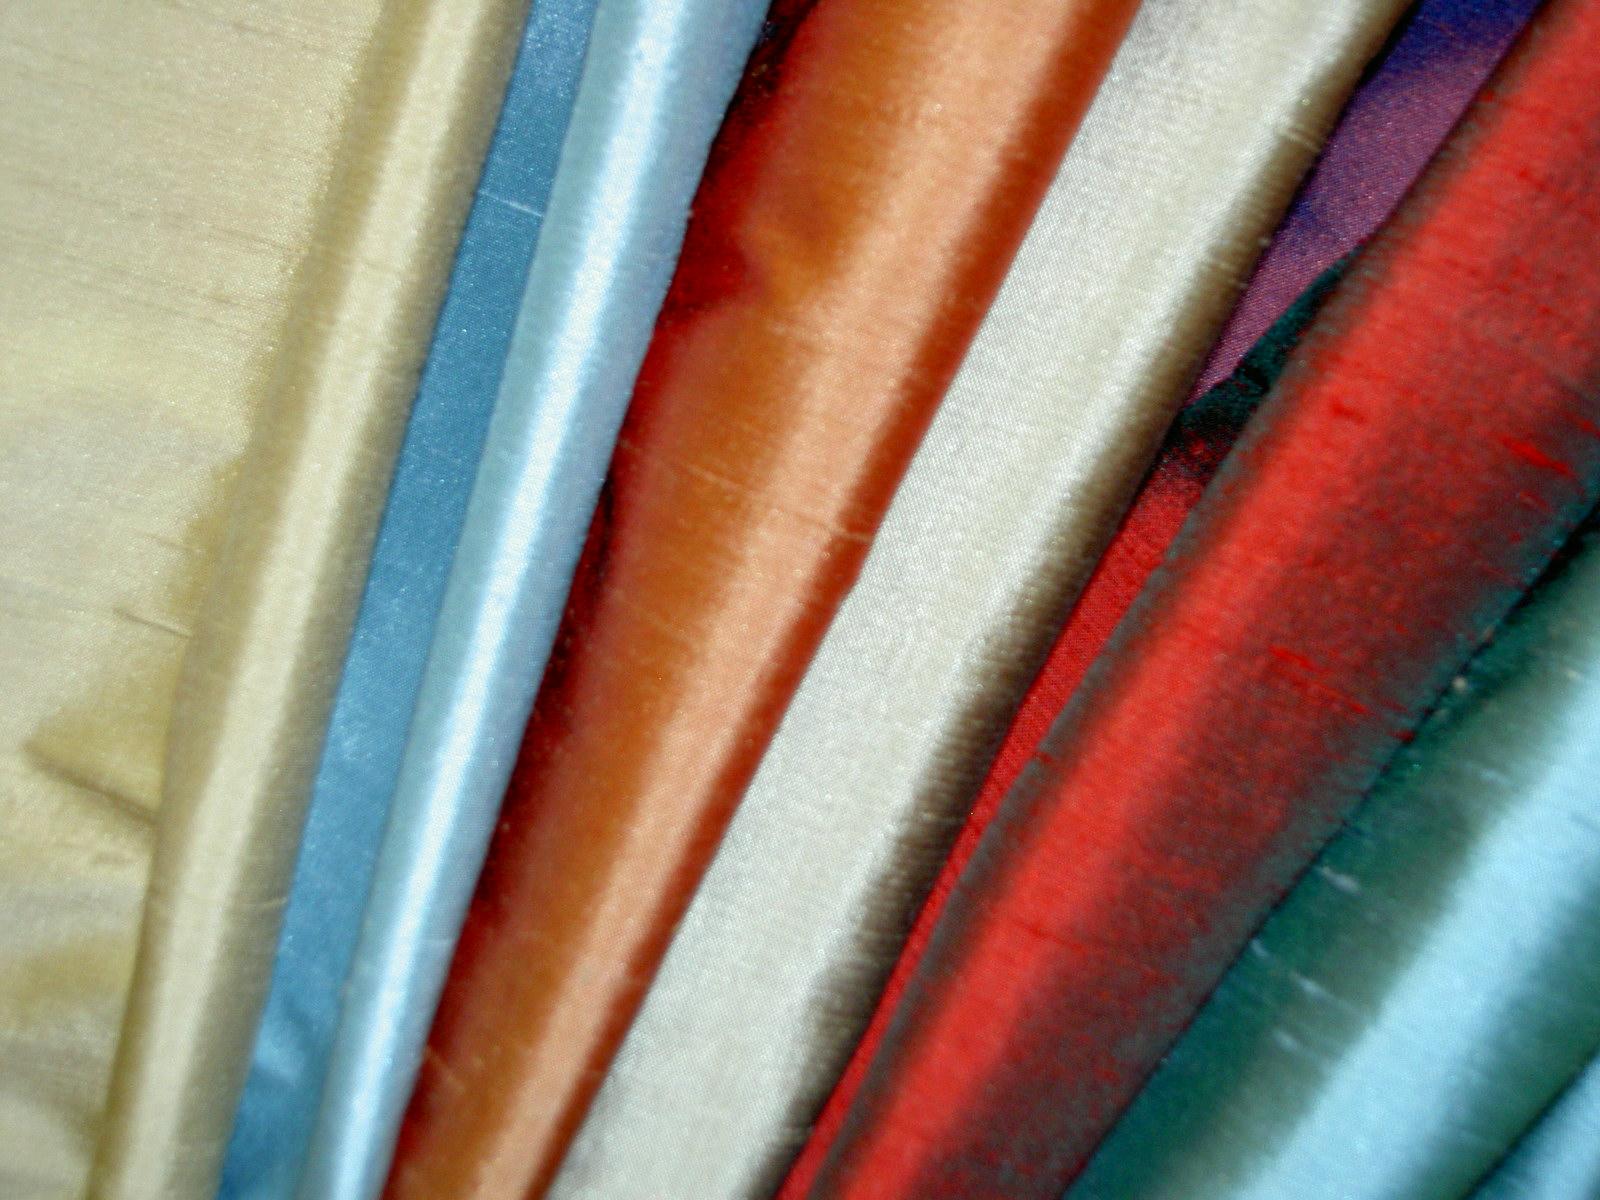 Weding Napkin Rings 08 - Weding Napkin Rings